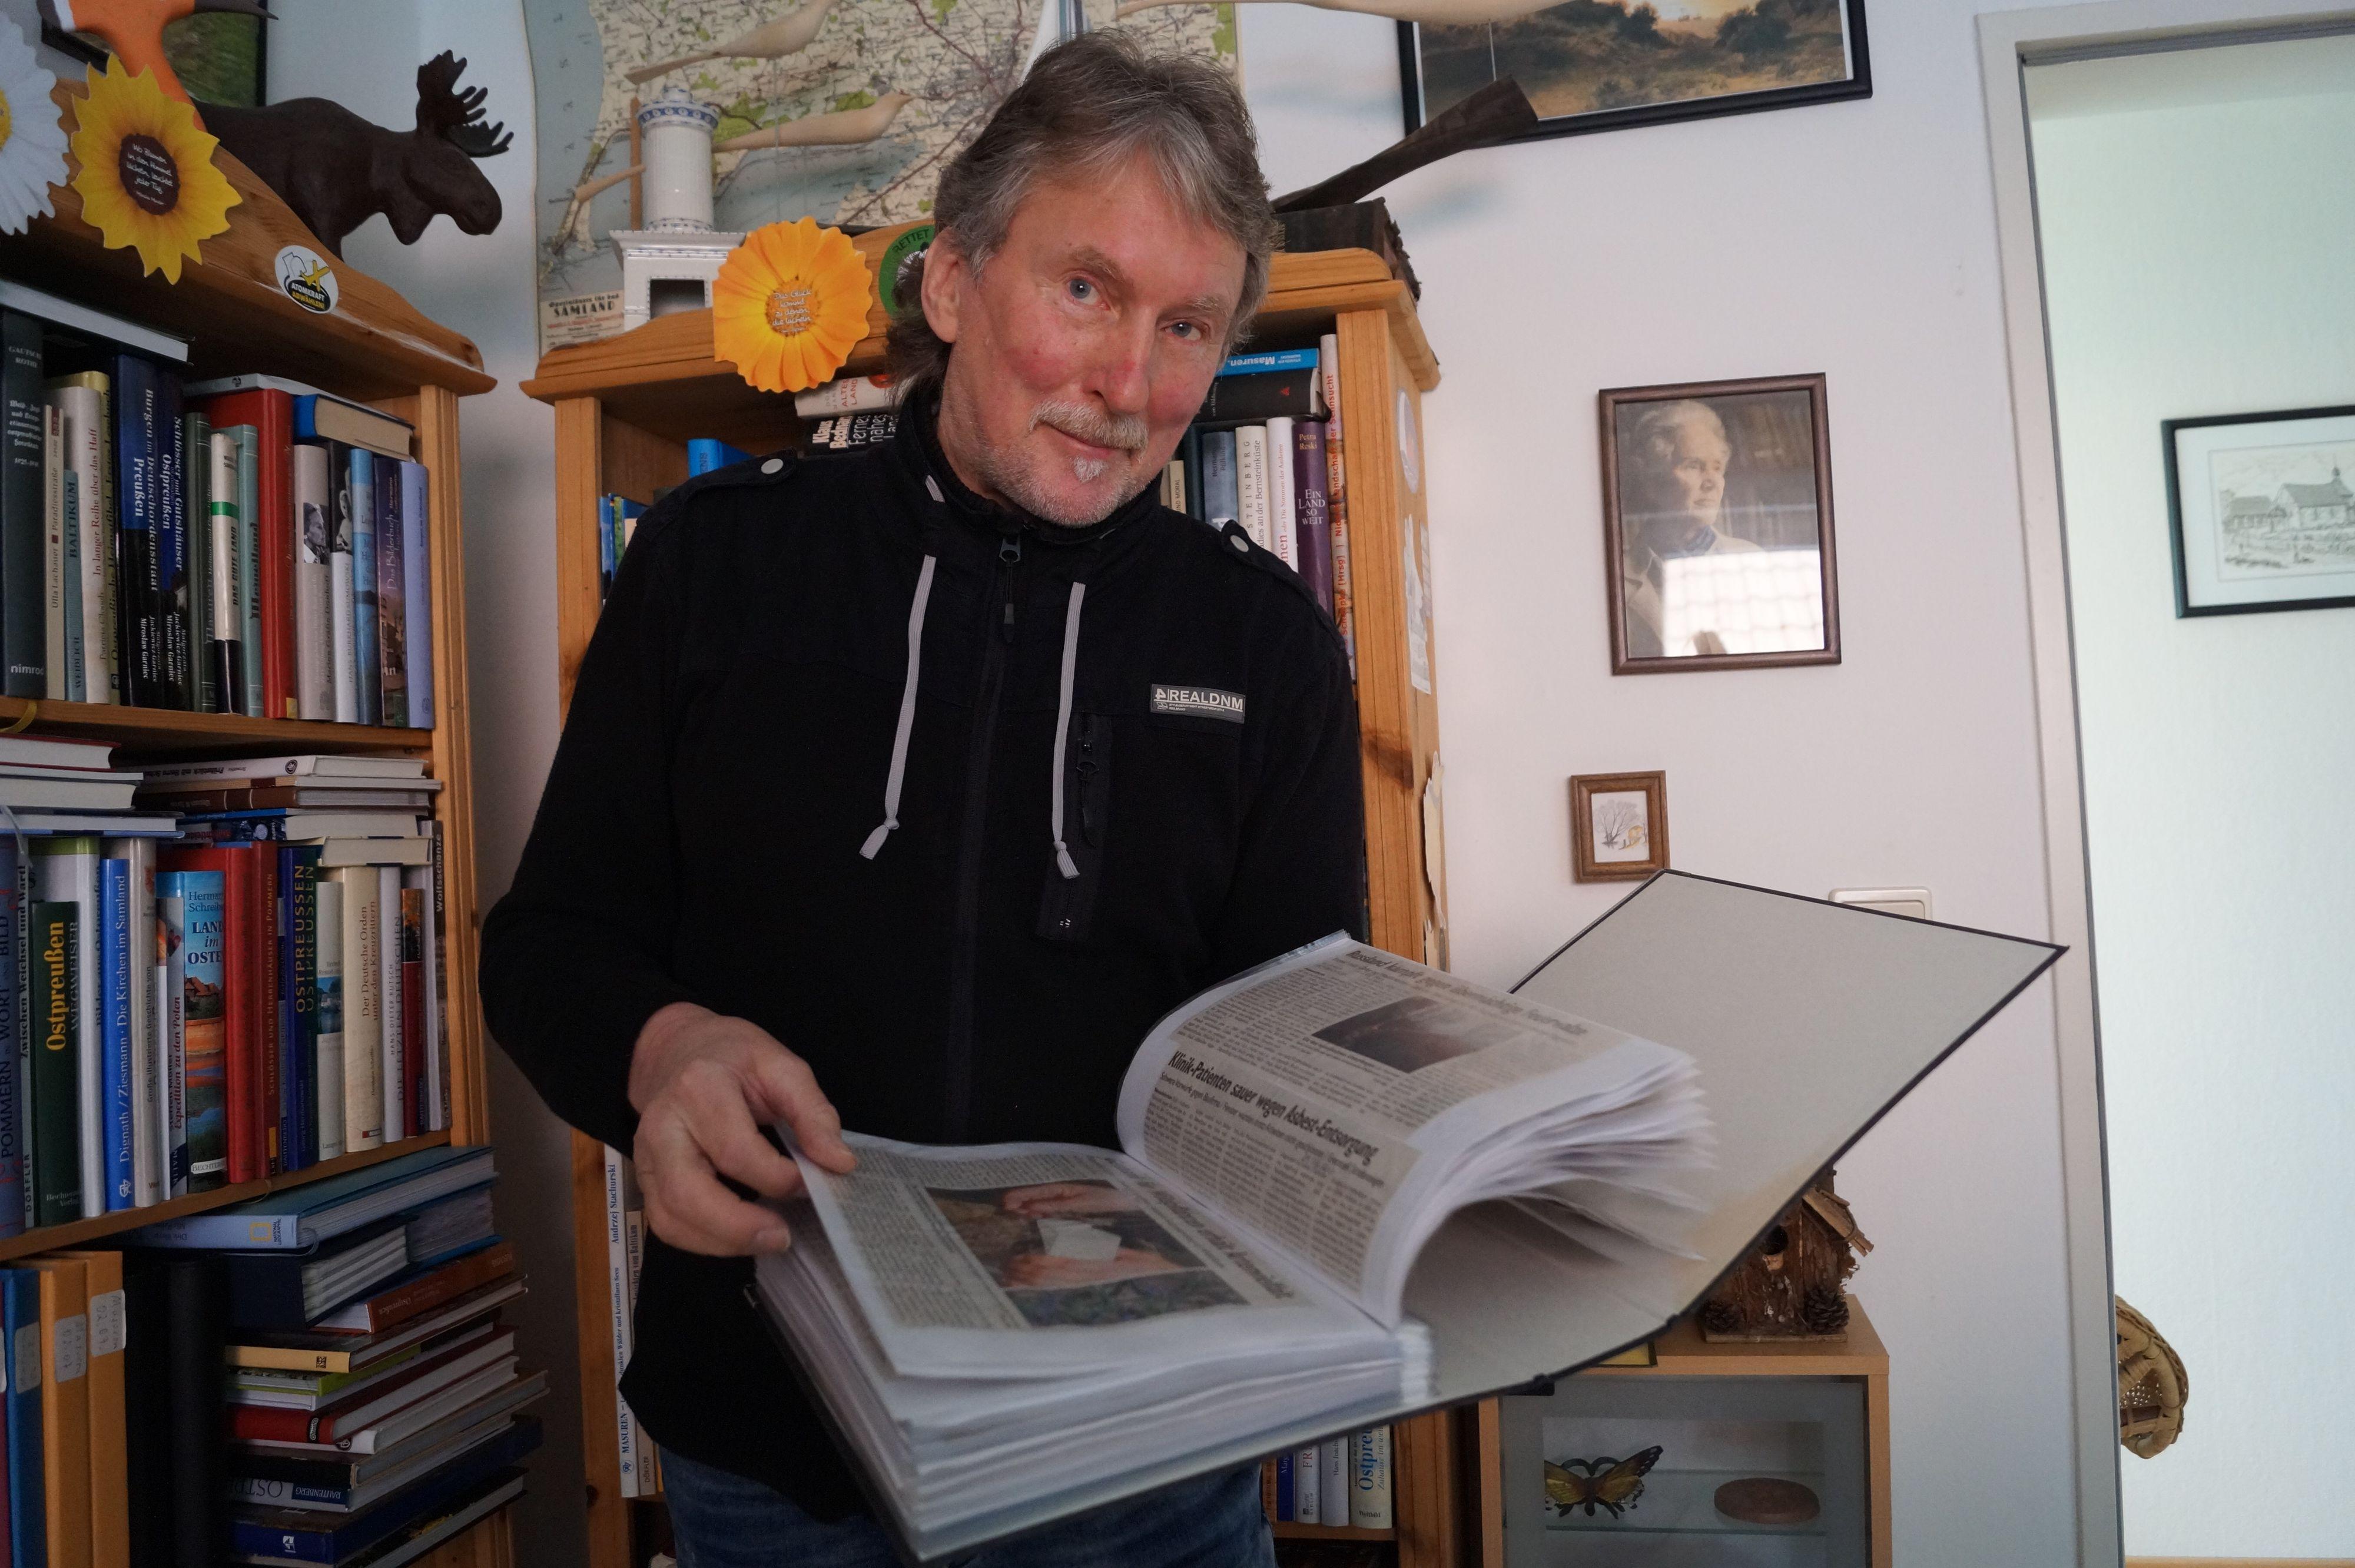 Blättert gerne in den Ordnern: Manfred Schlömer aus Lutten sammelt seit mehr als 30 Jahren Artikel und Leserbriefe zu Umweltthemen. Foto: C. Meyer